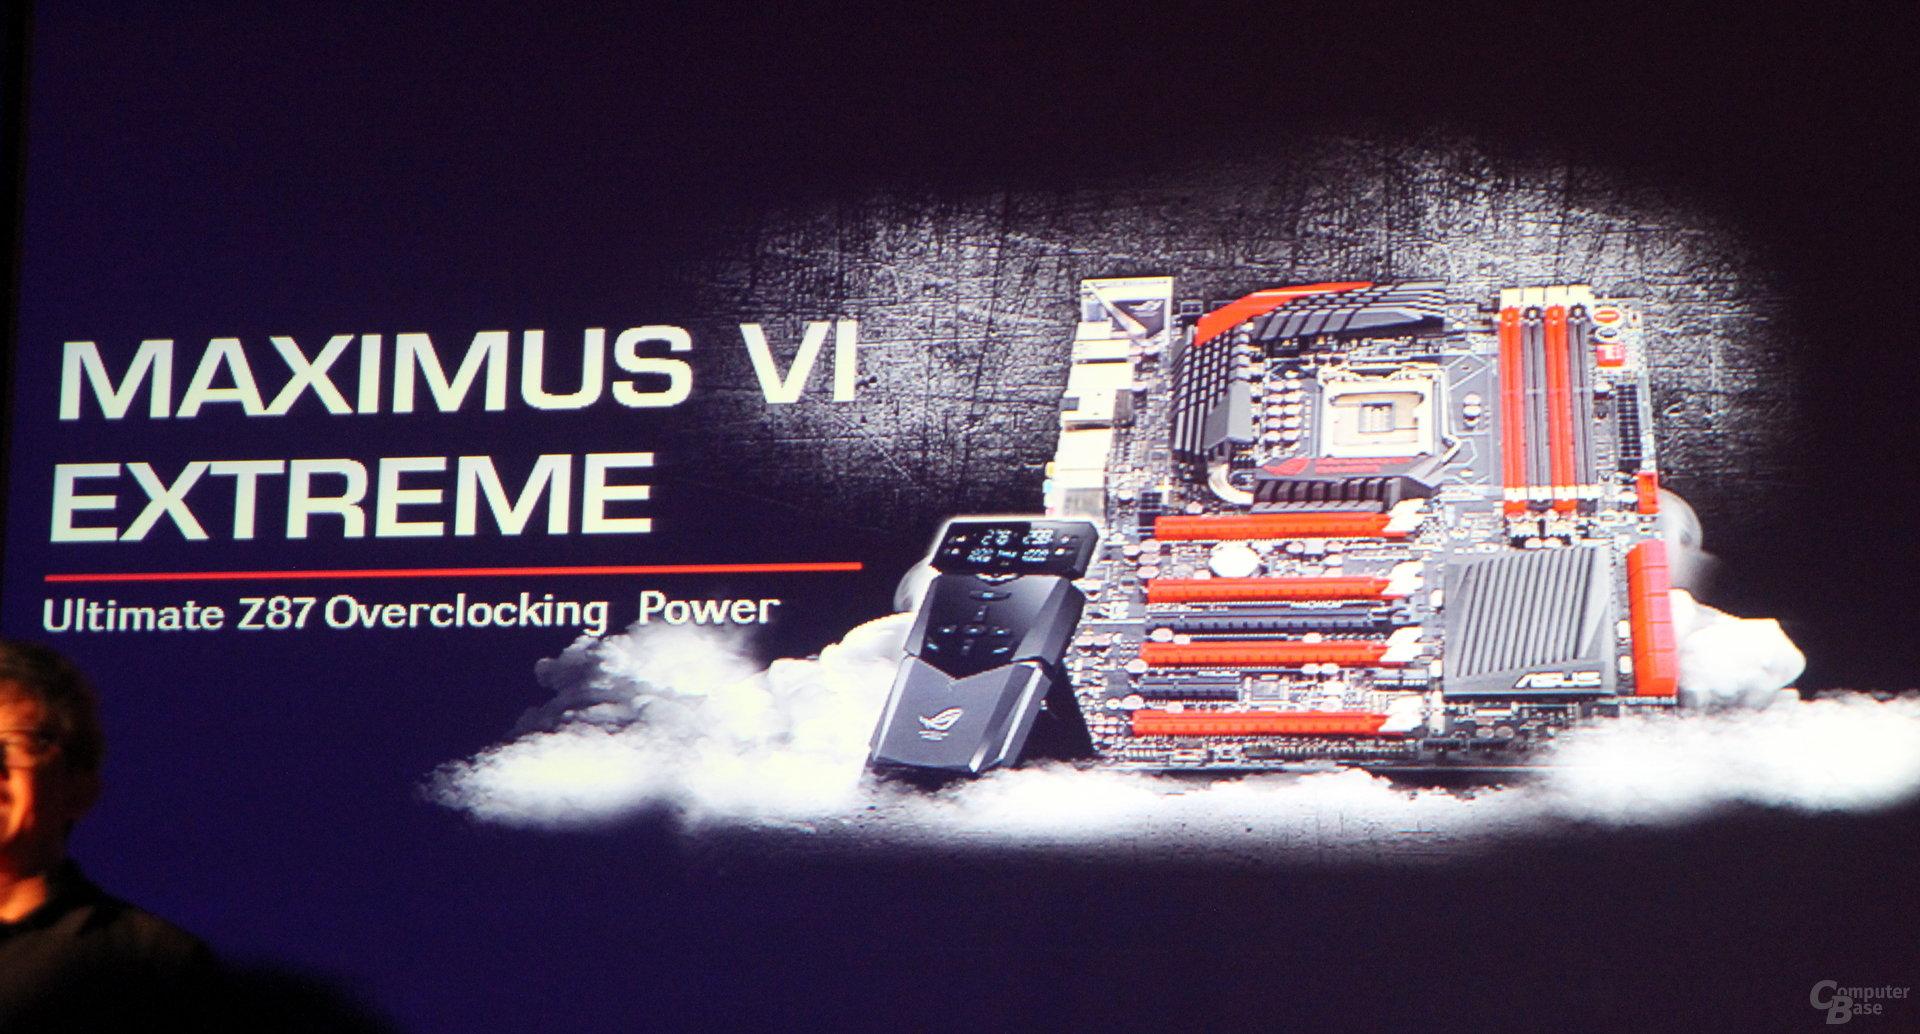 Asus Maximus VI Extreme